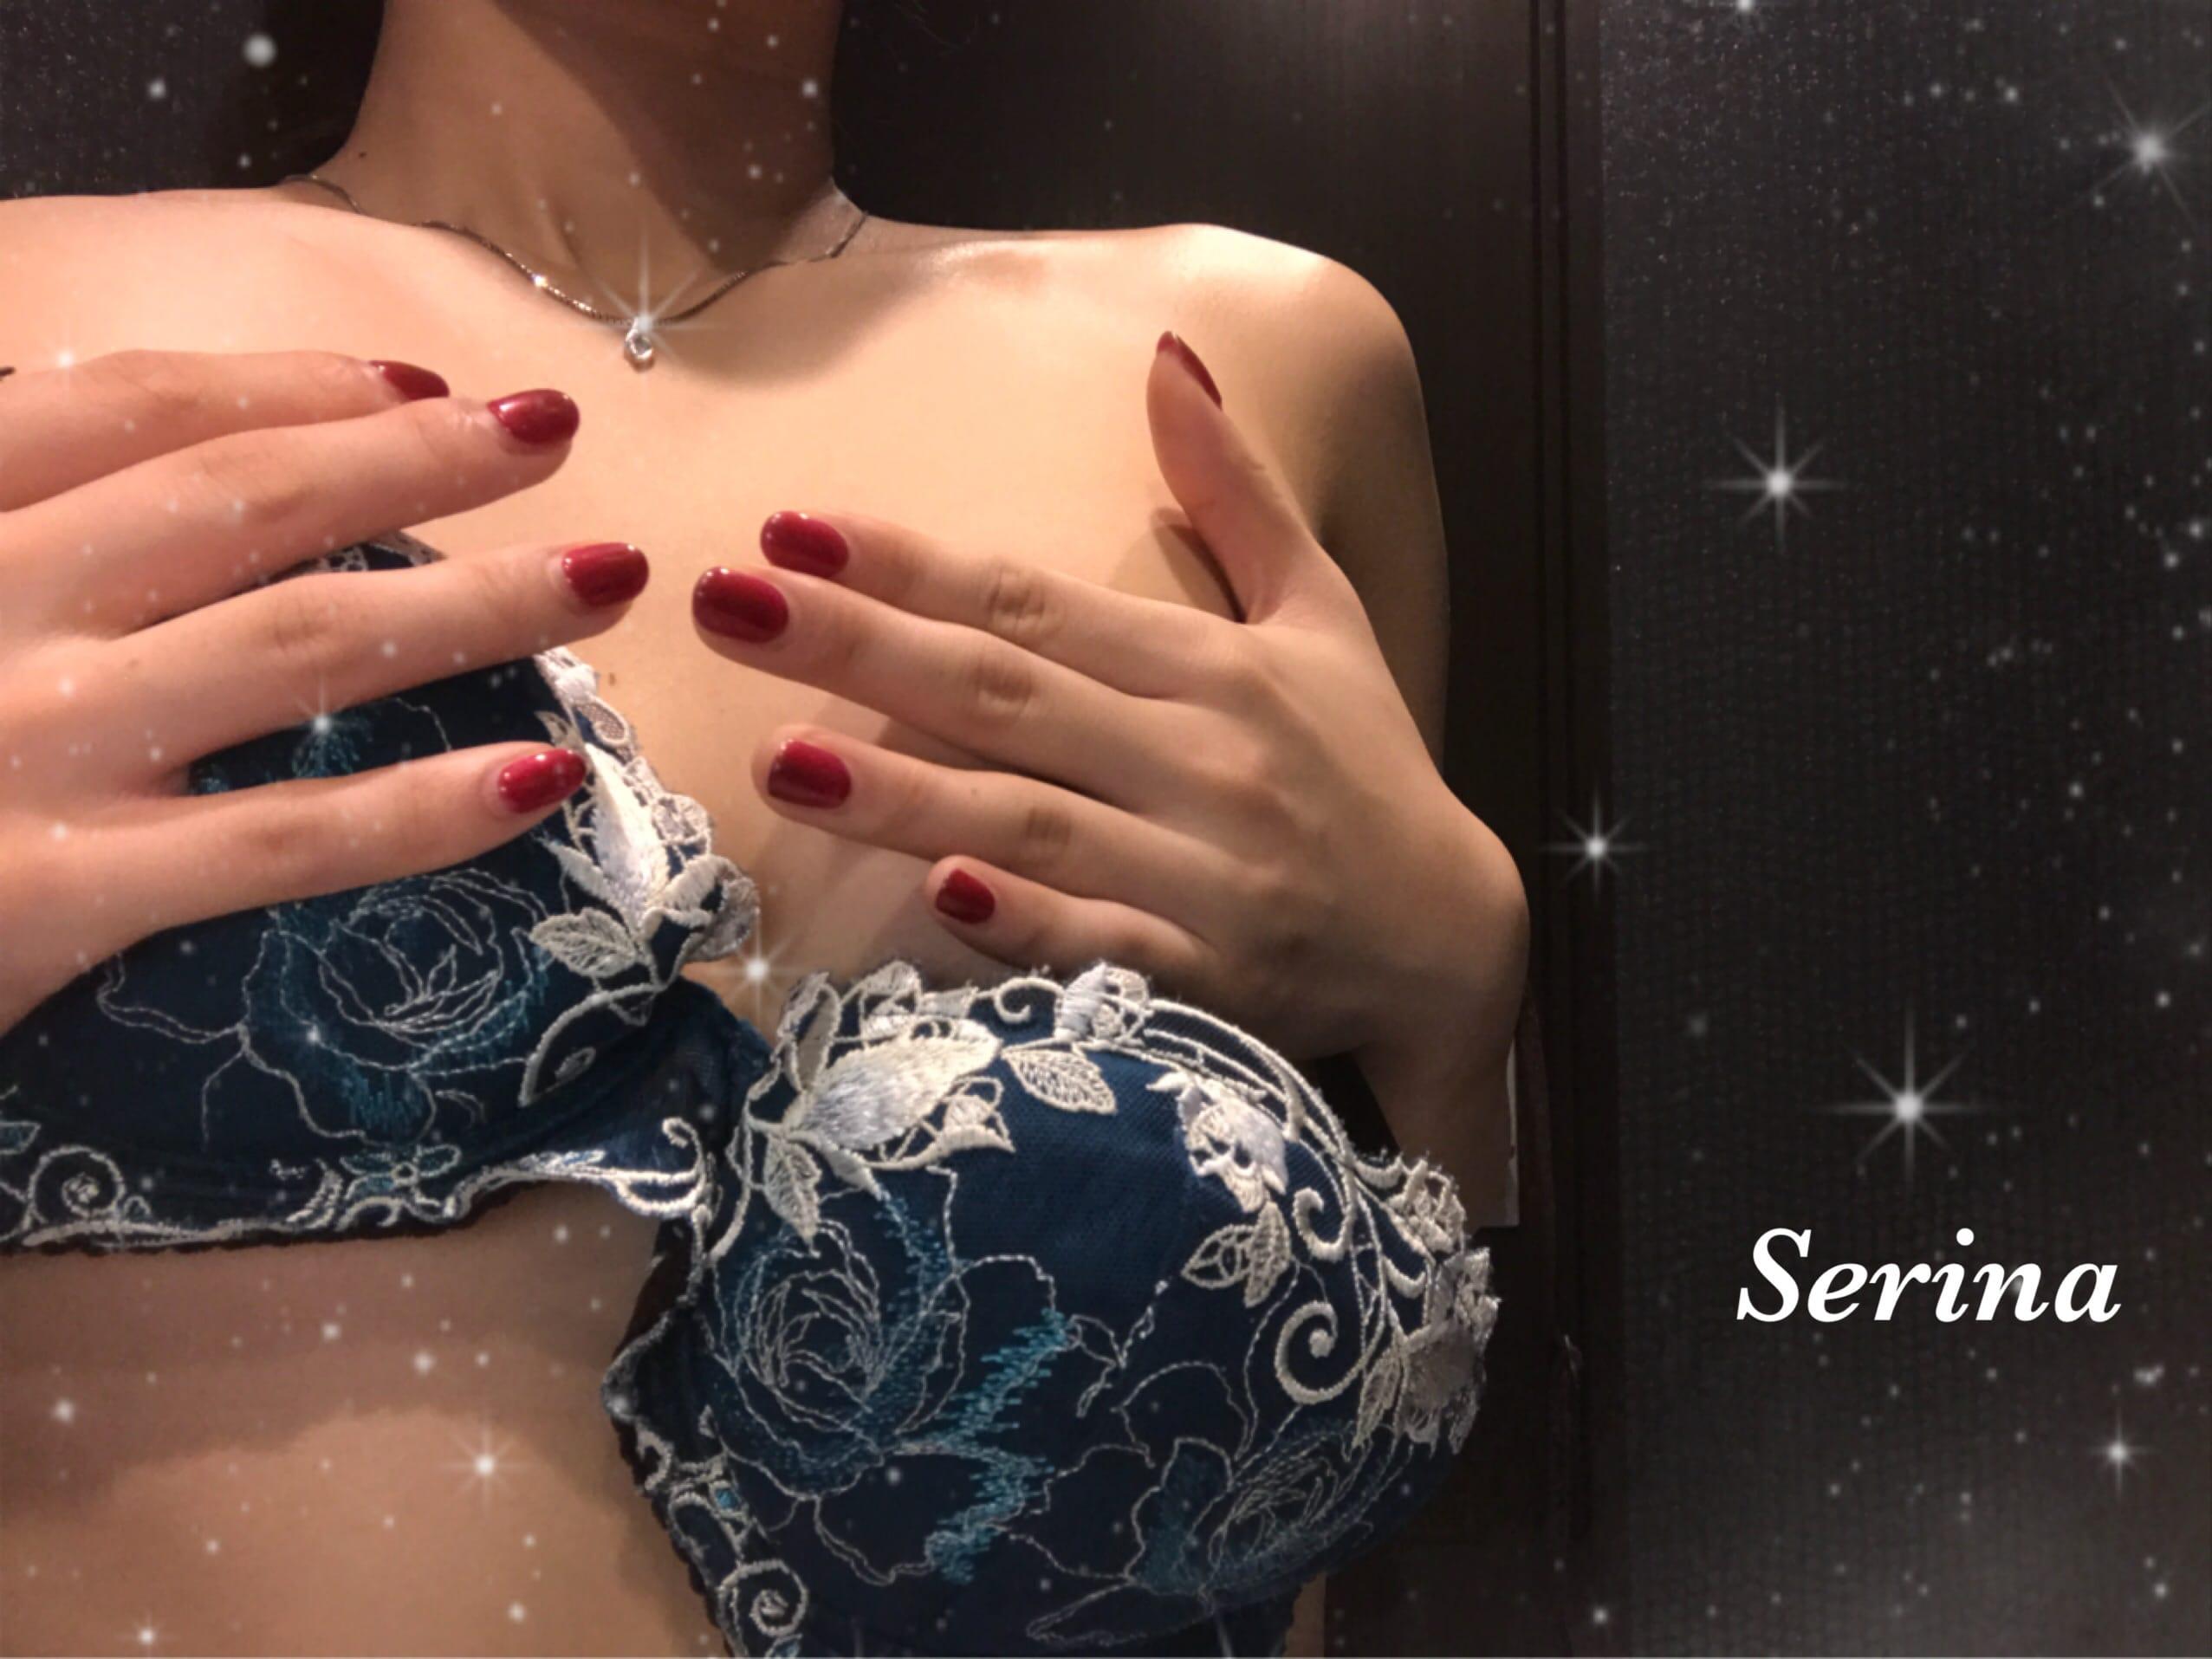 セリナ(SERINA)「Serina??」12/11(月) 21:44 | セリナ(SERINA)の写メ・風俗動画